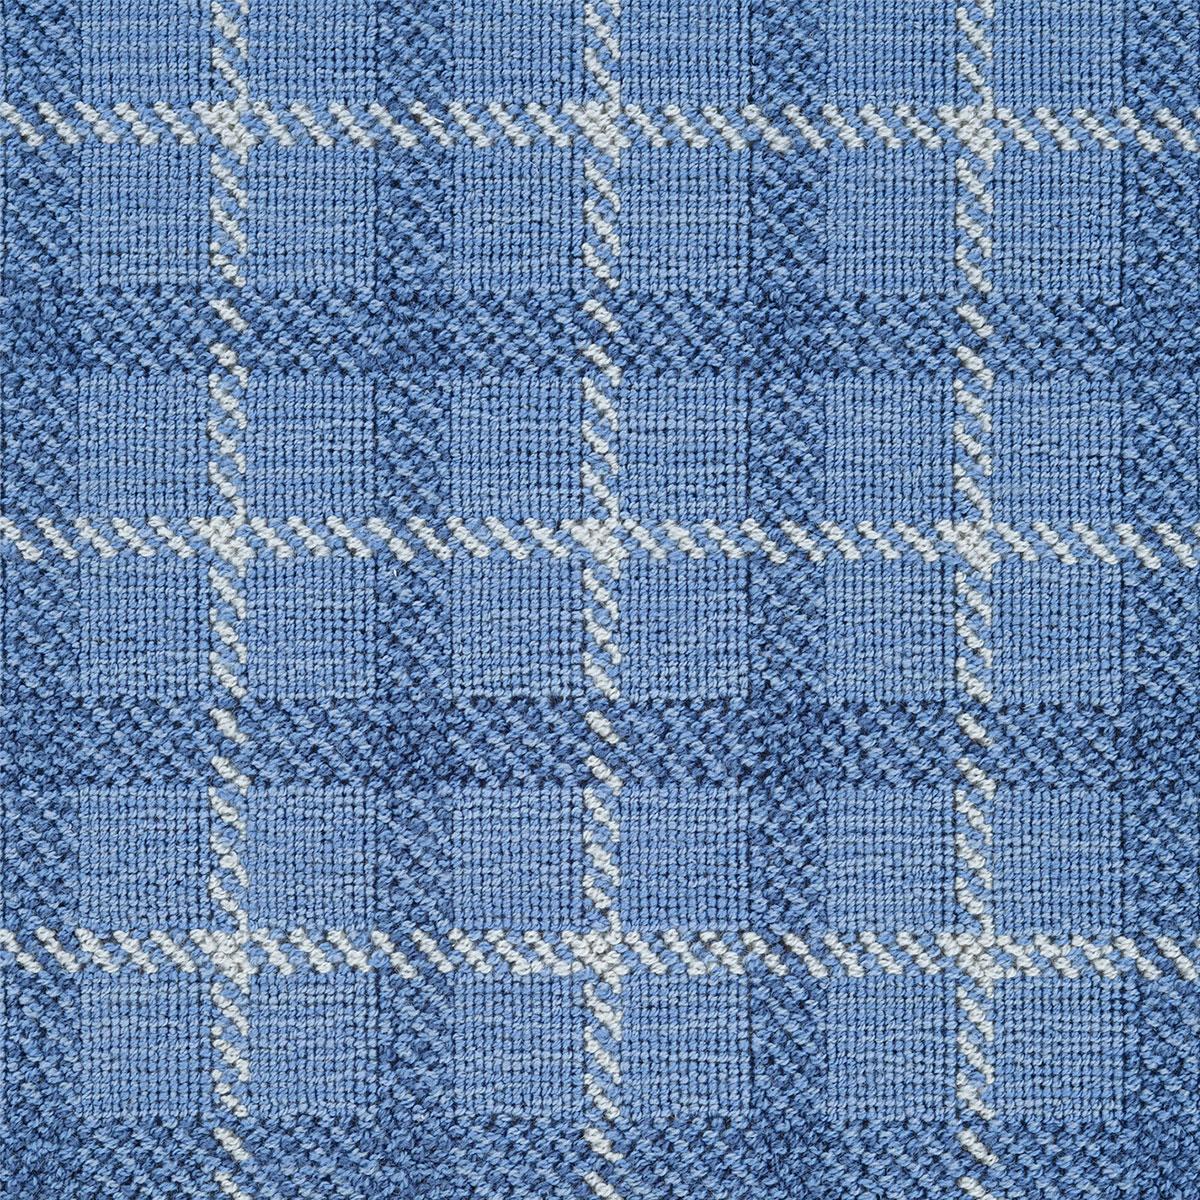 telly-square_wool_broadloom_patterson-flynn-martin_pfm